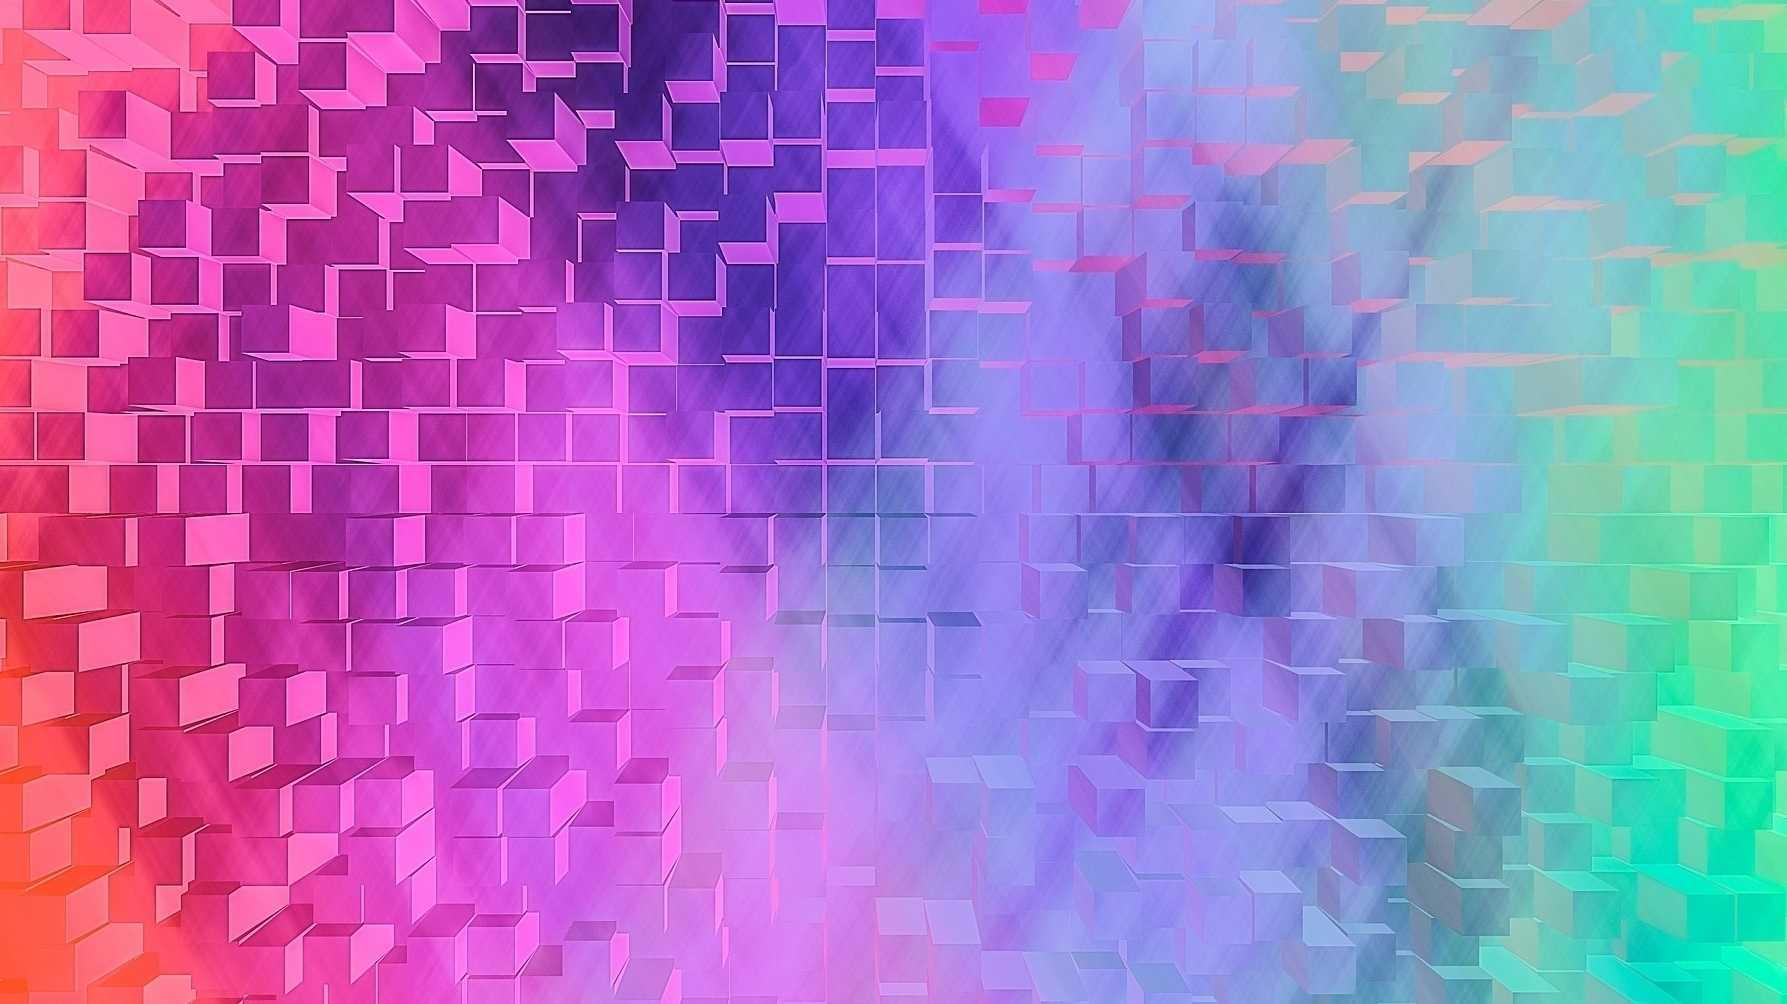 Würfel, Block, Struktur, Farbe